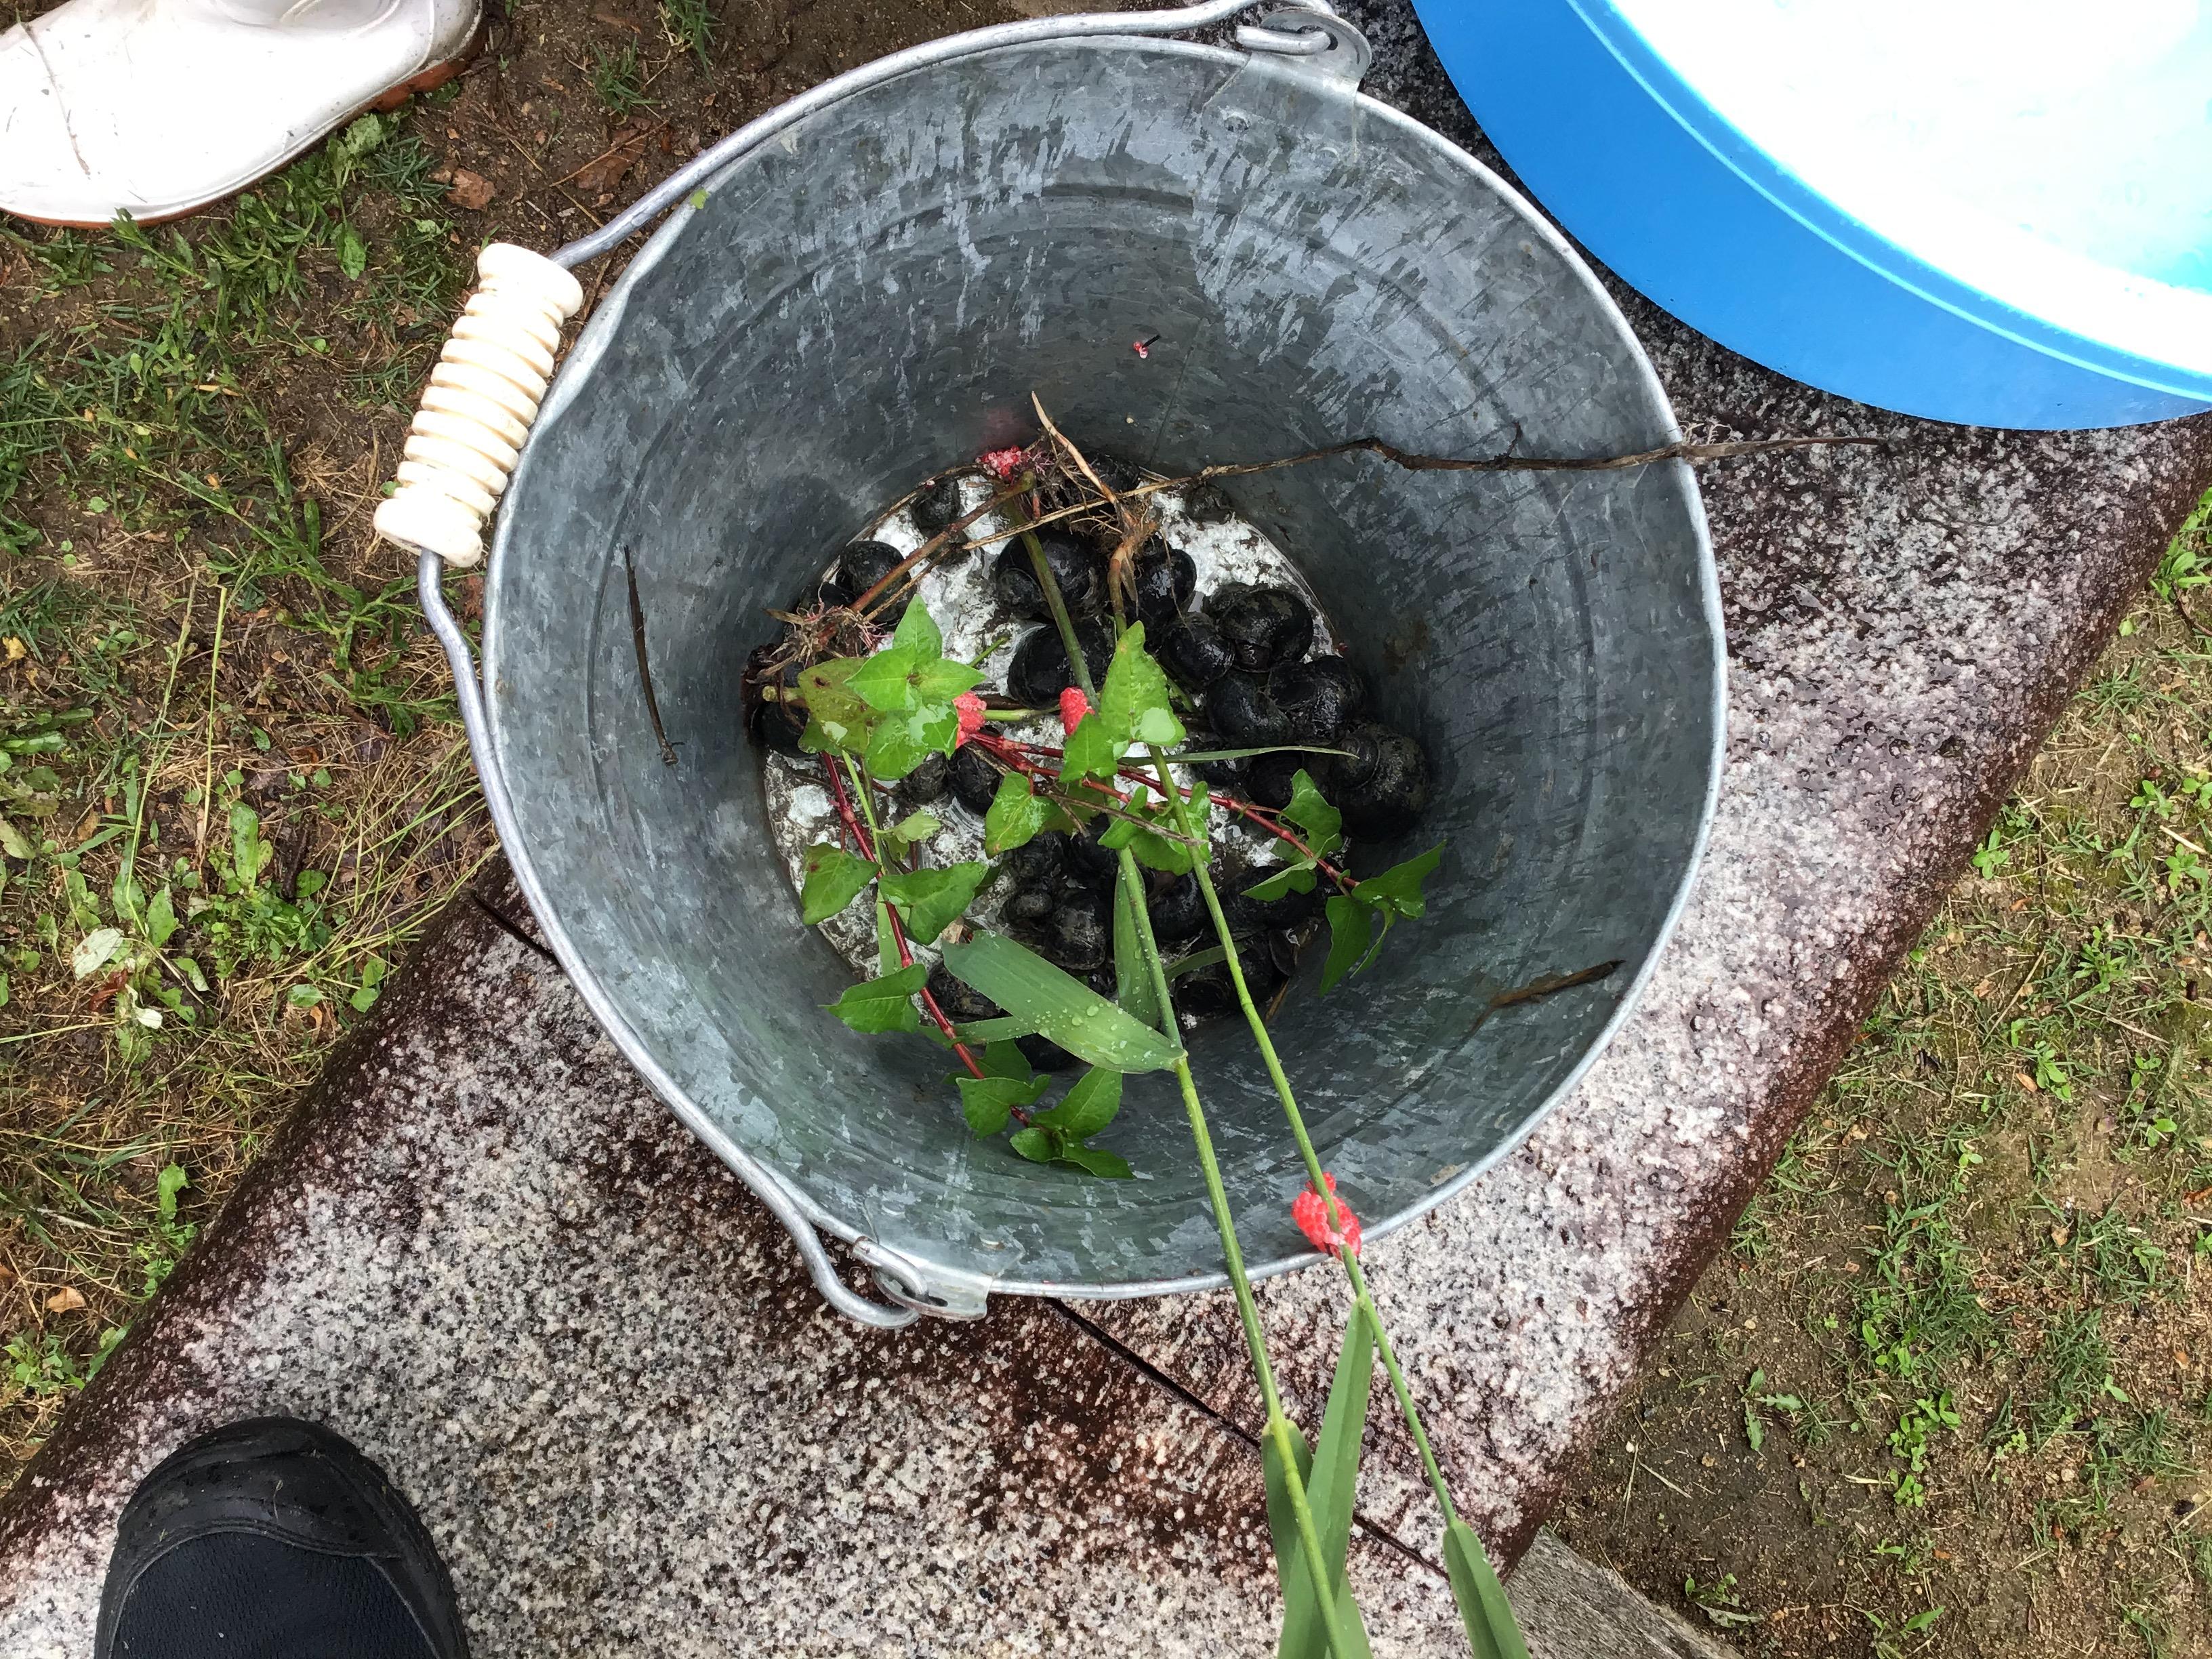 地元の黒田阿弥陀西部ため池協議会長が田んぼの稲苗に被害を及ぼすジャンボタニシ(スクミリンゴガイ)と卵(ピンク色)について少し説明。